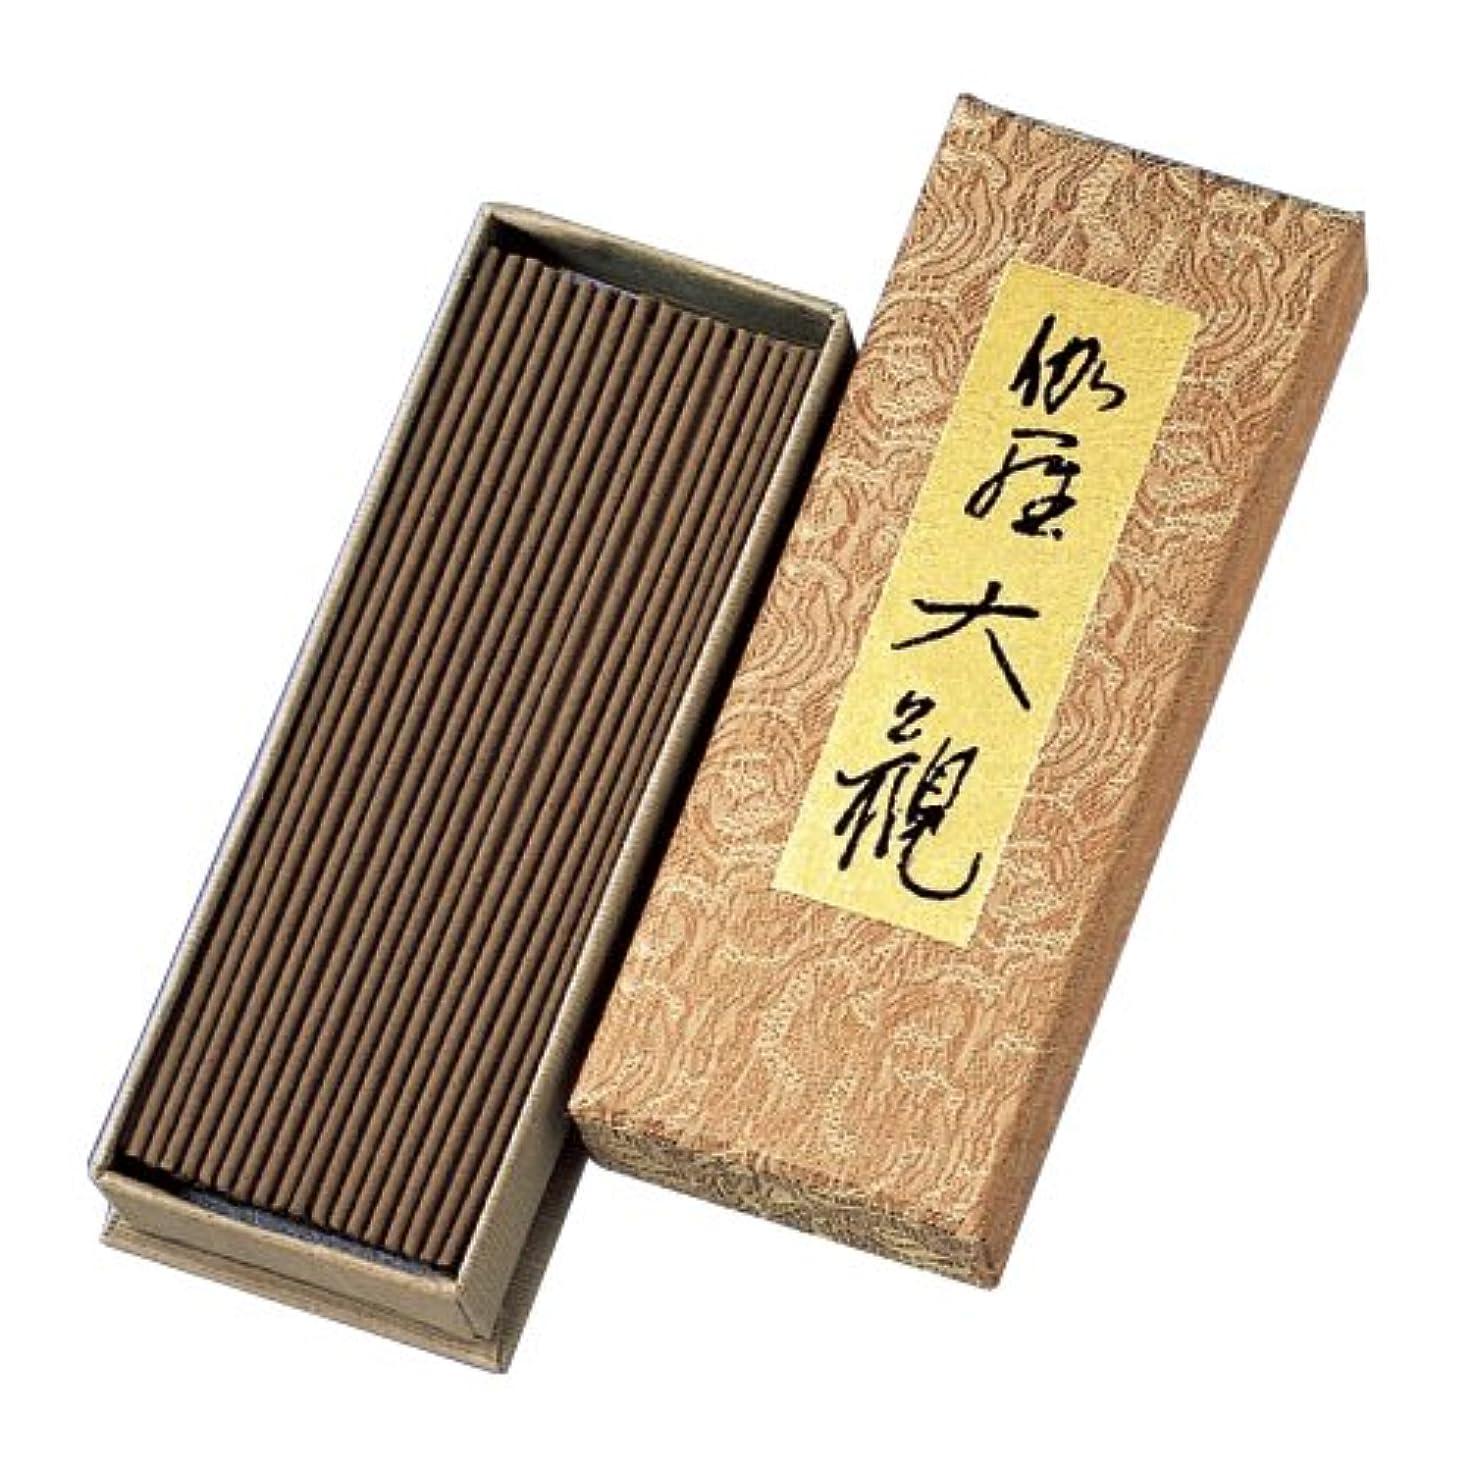 冷ややかなささいな時間とともにNippon Kodo – Kyara Taikan – プレミアムAloeswood Incense 150 sticks